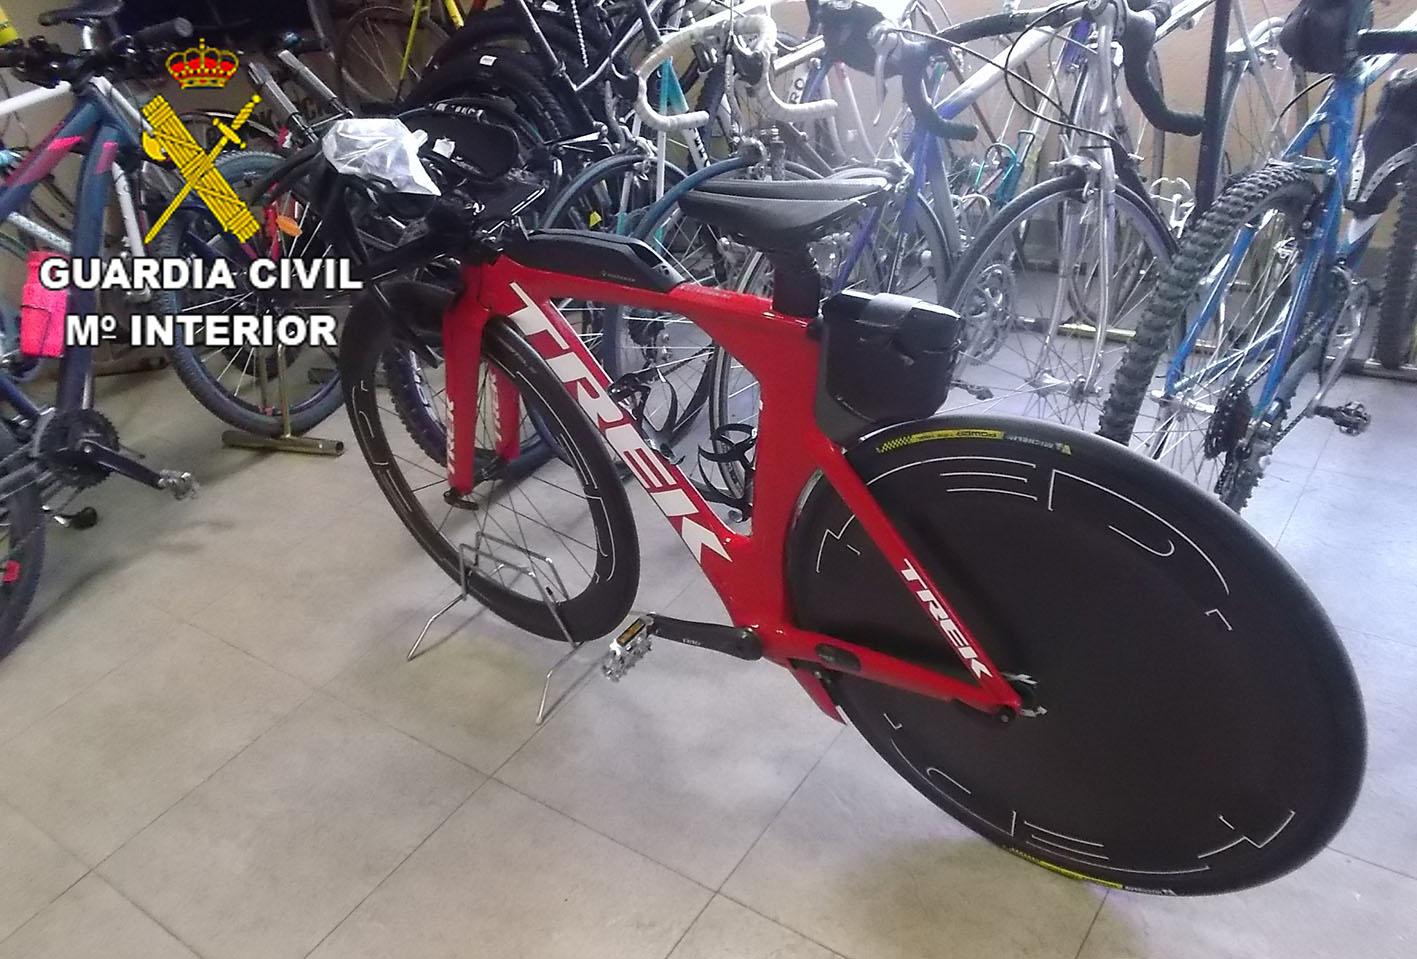 La bicicleta robada y luego recuperada en Seseña, que motivó la actuación de la Guardia Civil.